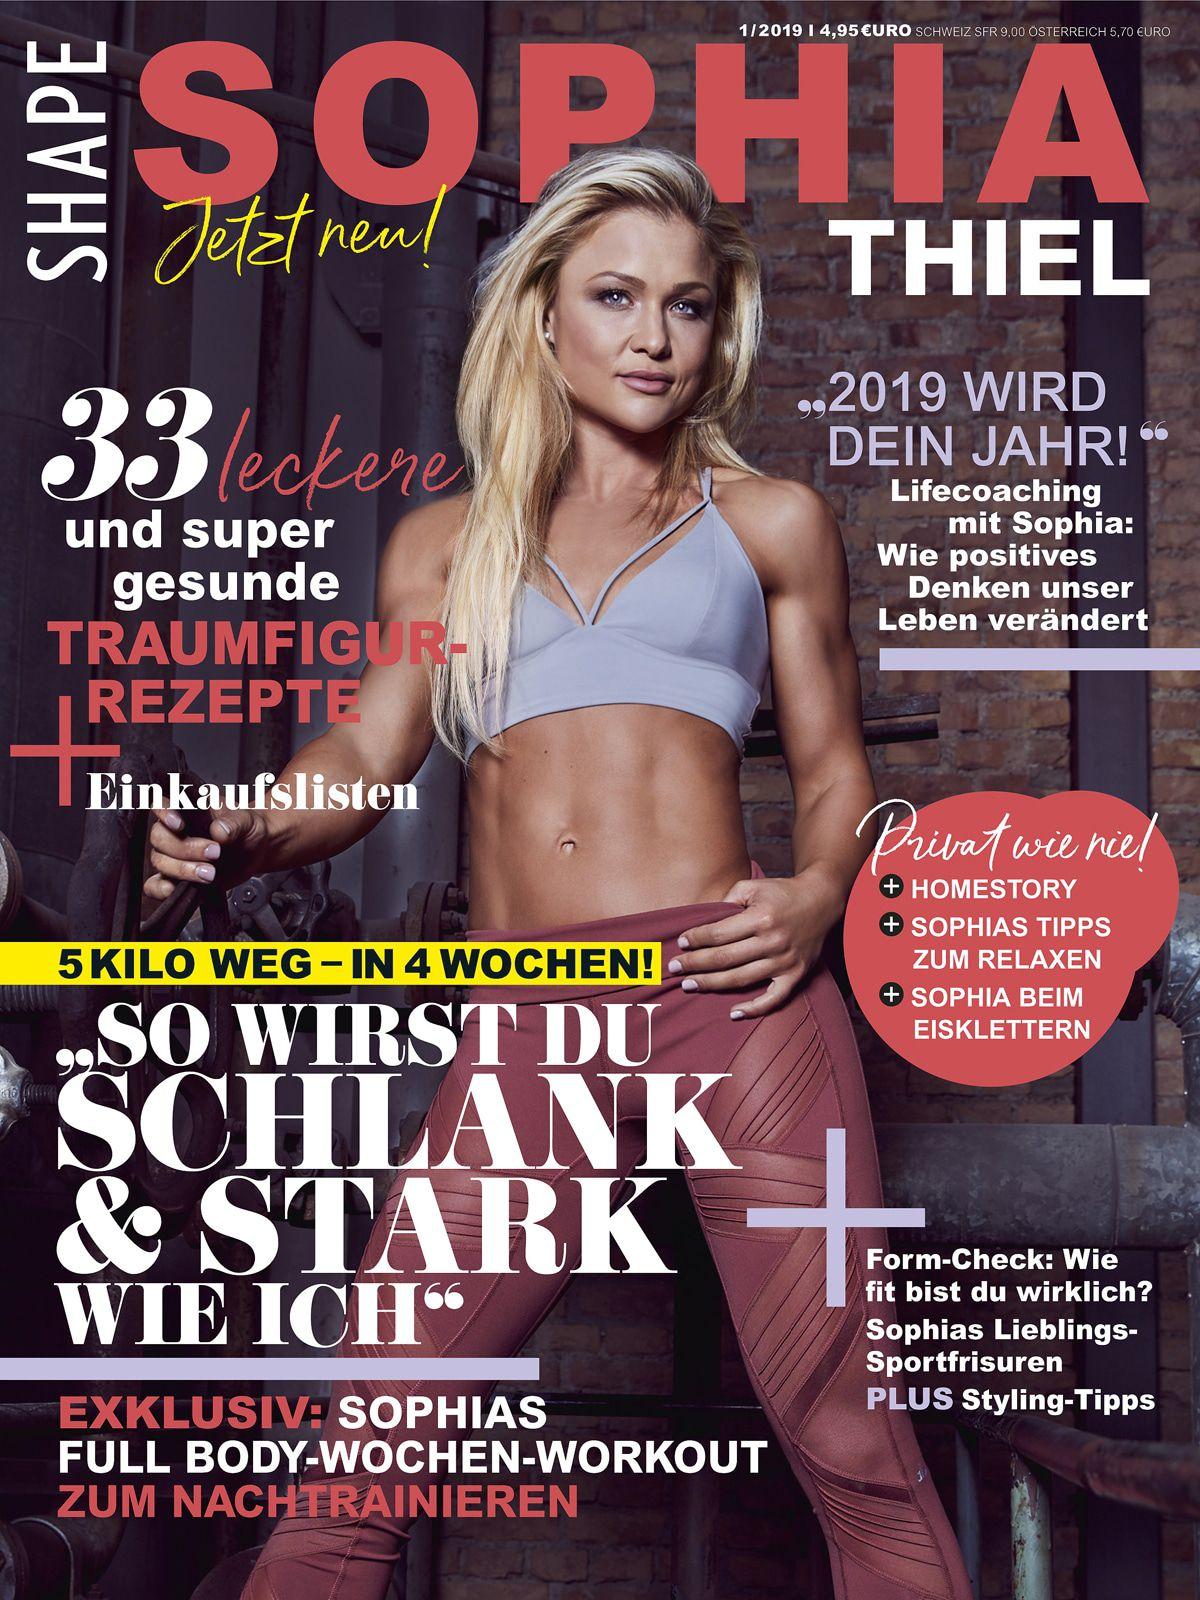 Sophia Thiel & Co.: Wenn Influencer den Druck nicht mehr aushalten